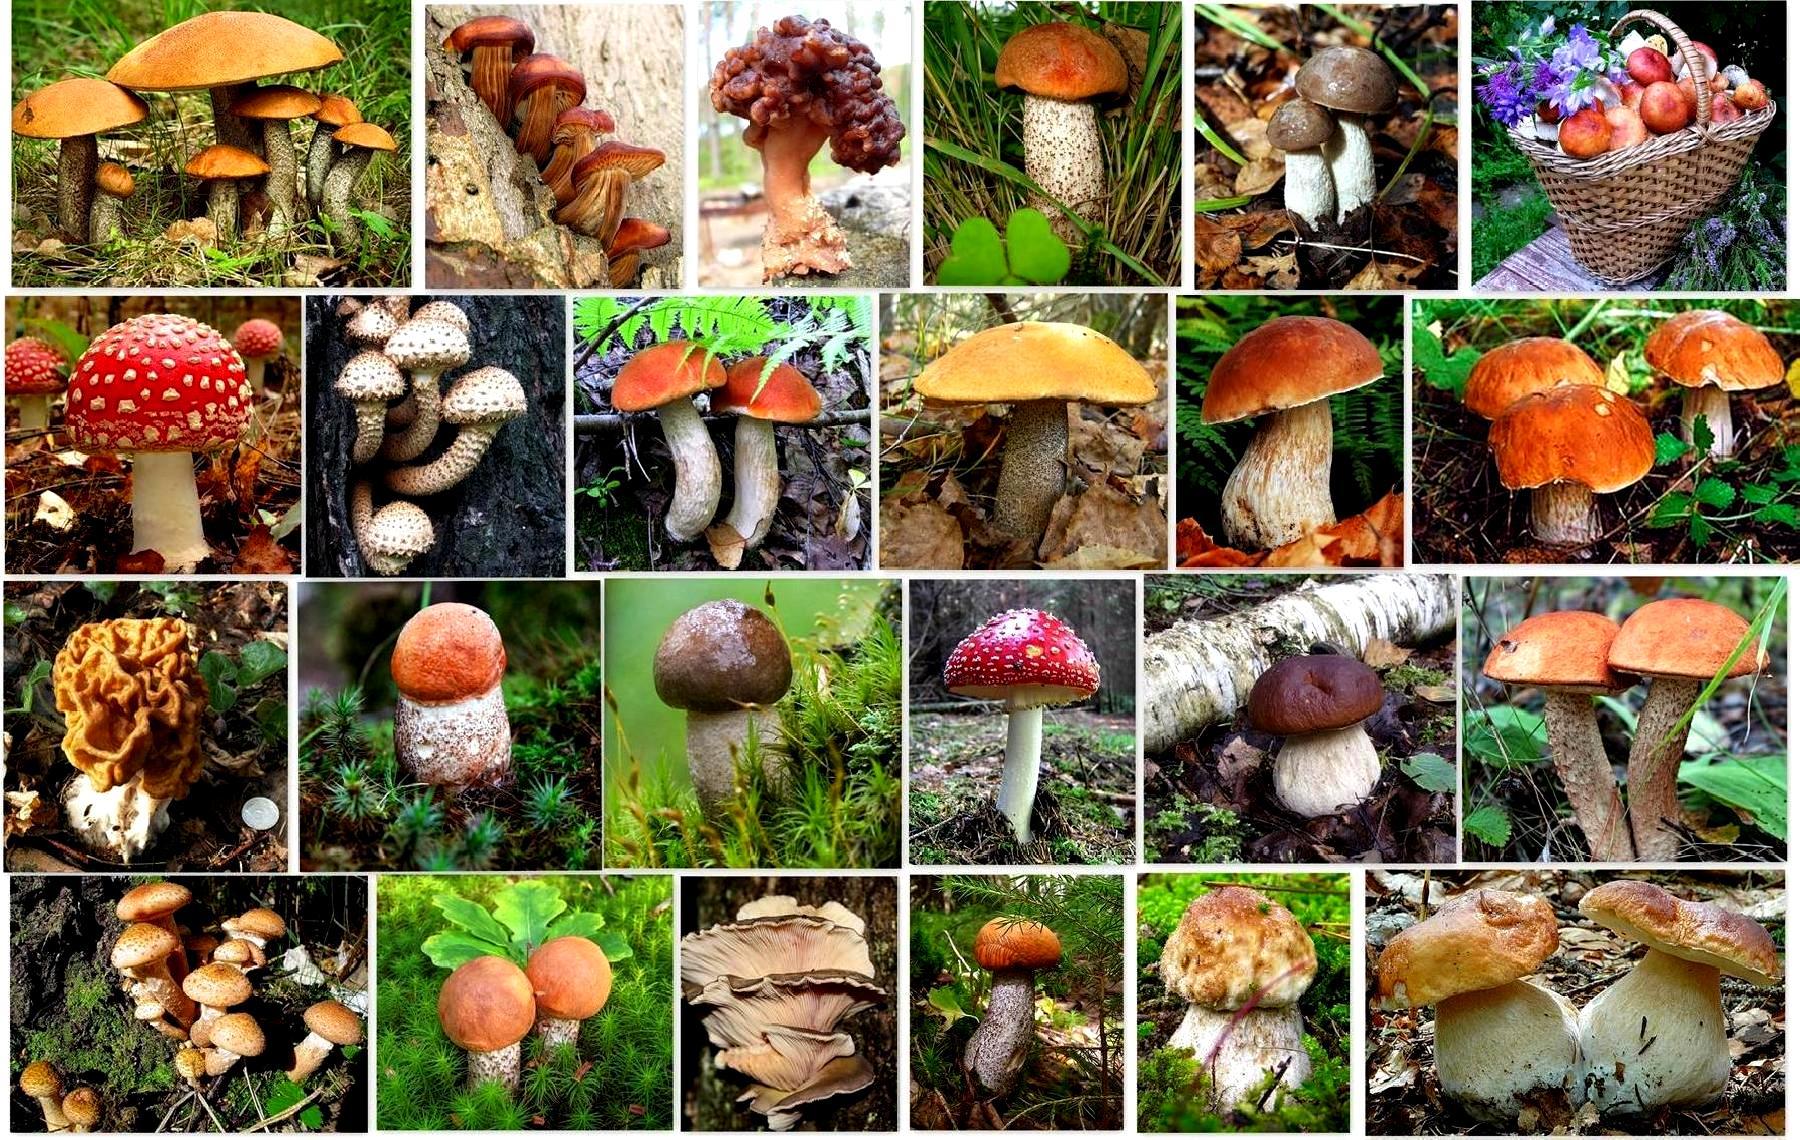 Календарь грибов: грибной календарь на июнь, июль, август, весну и осень